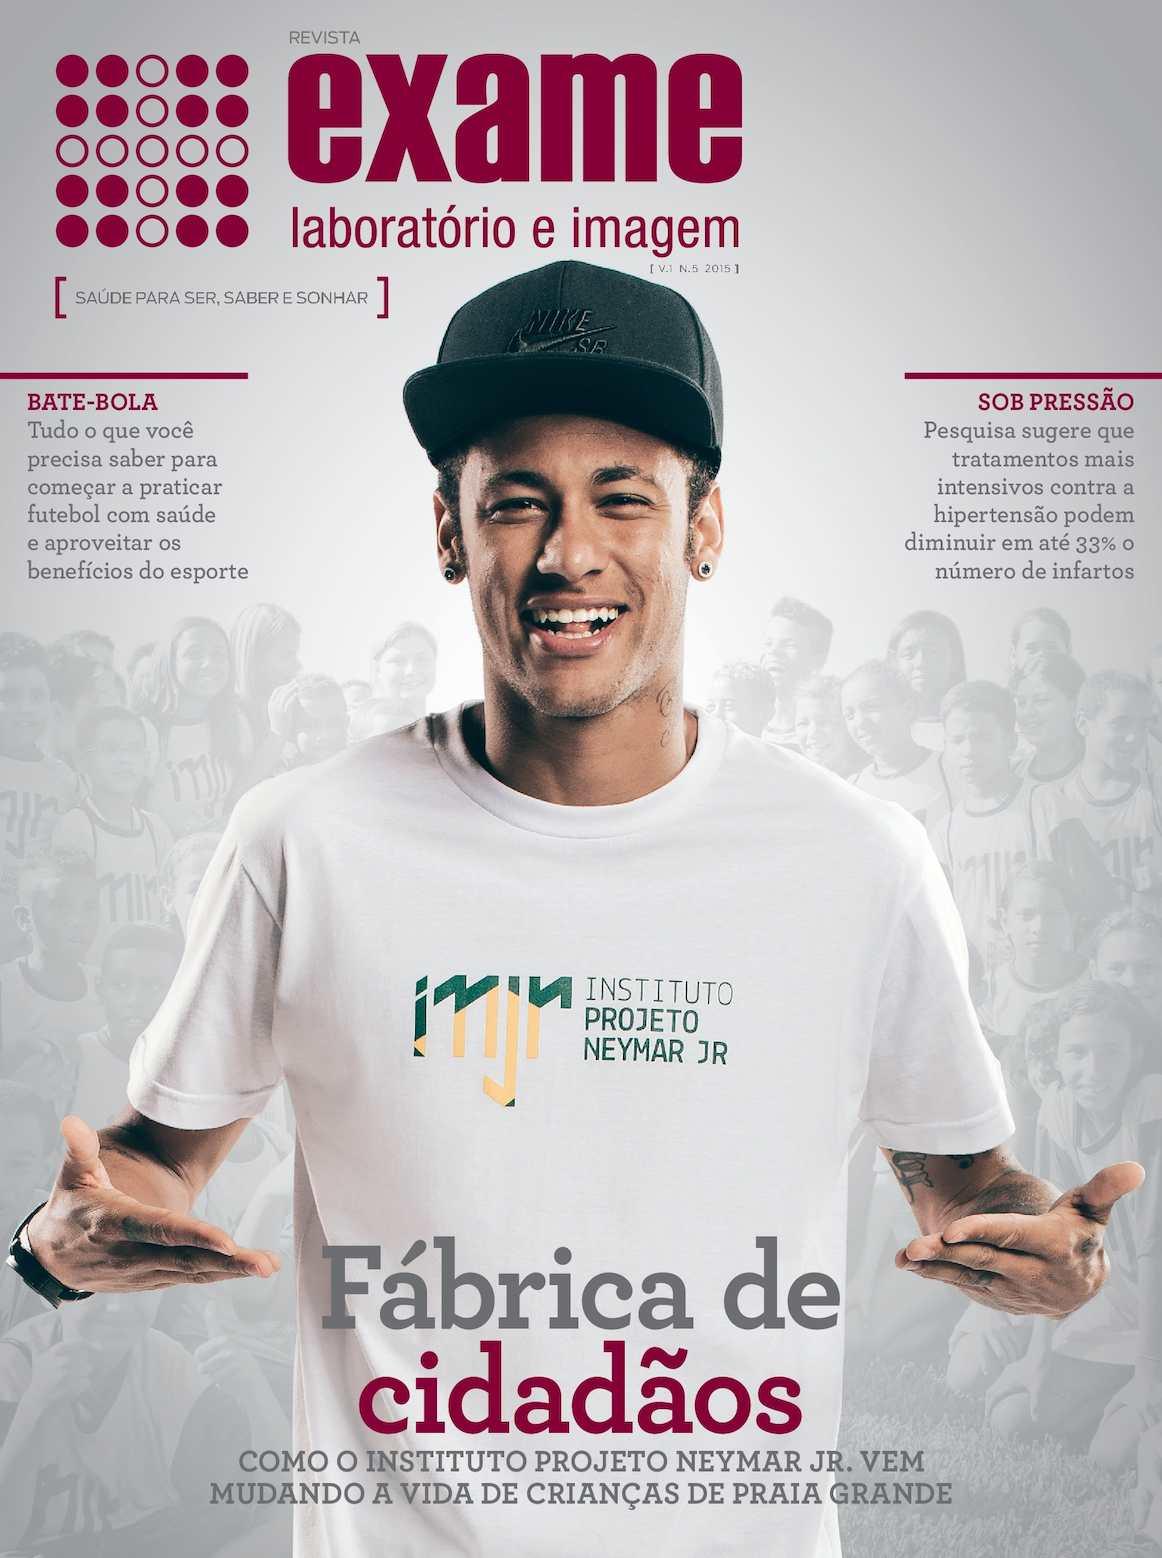 f41aeaebfa34a Calaméo - Revista Exame - 5ª Edição